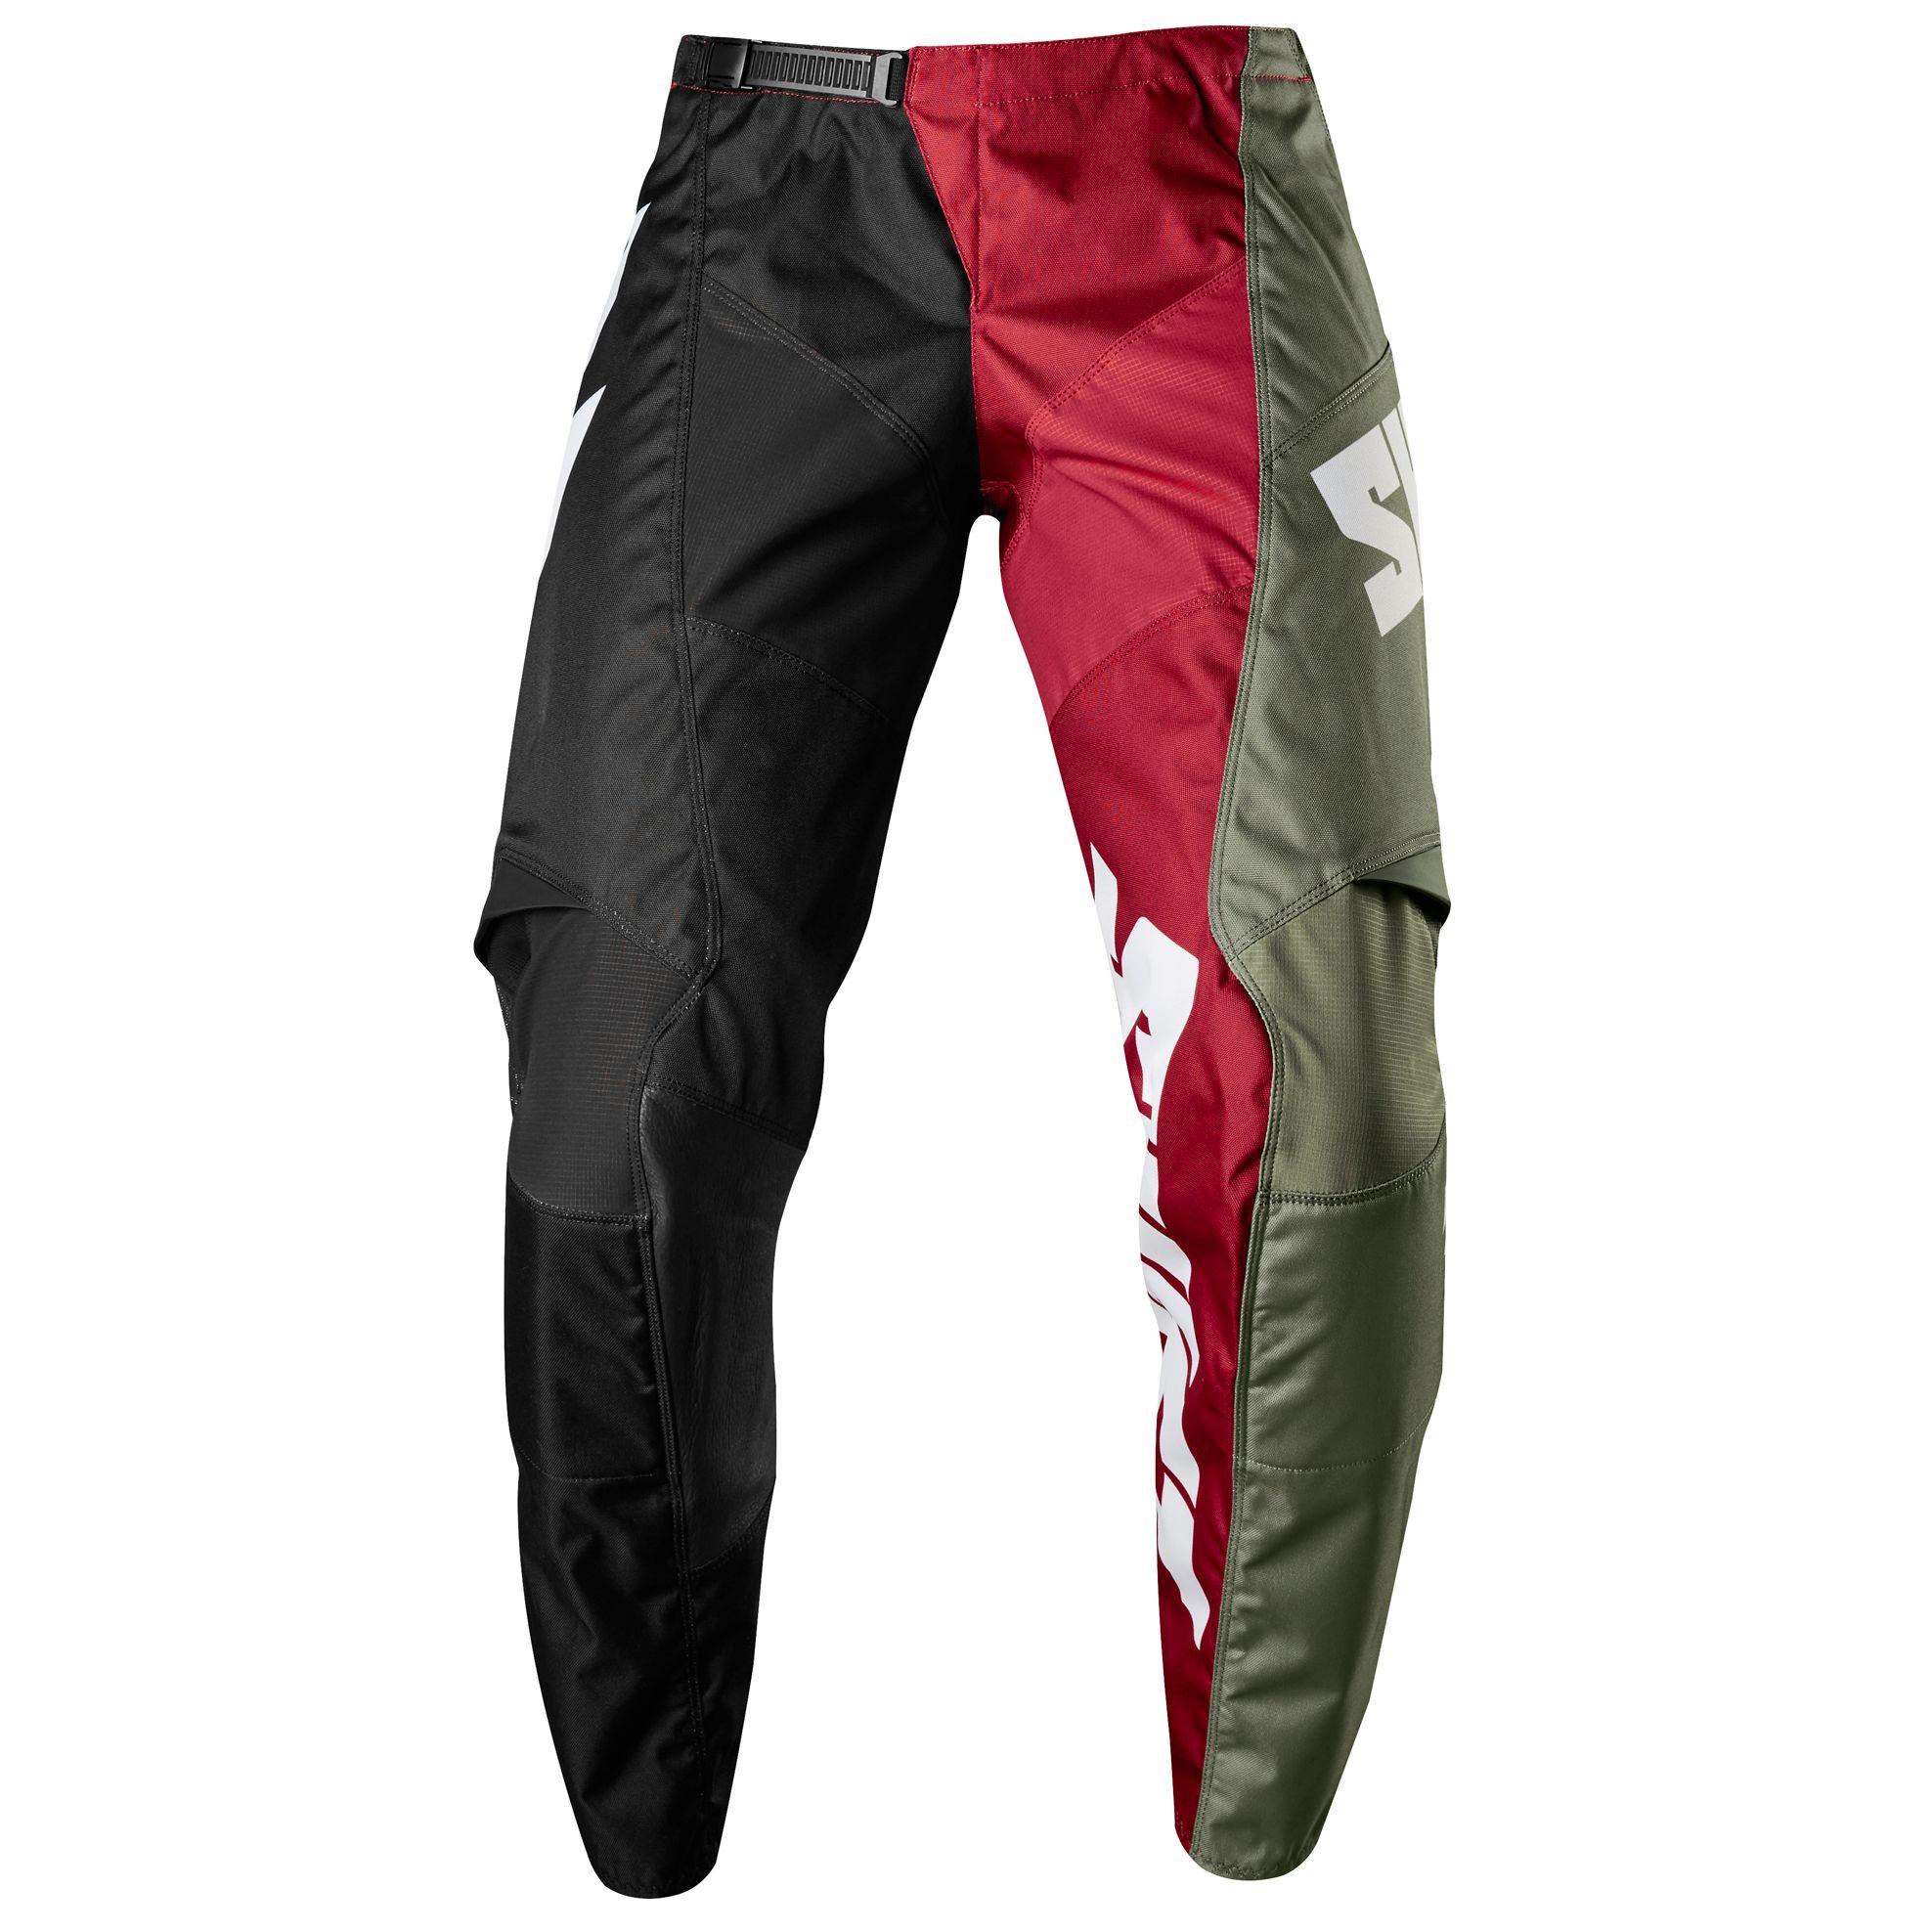 Pantalon cross Shift WHIT3 LABEL TARMAC Noir  2018